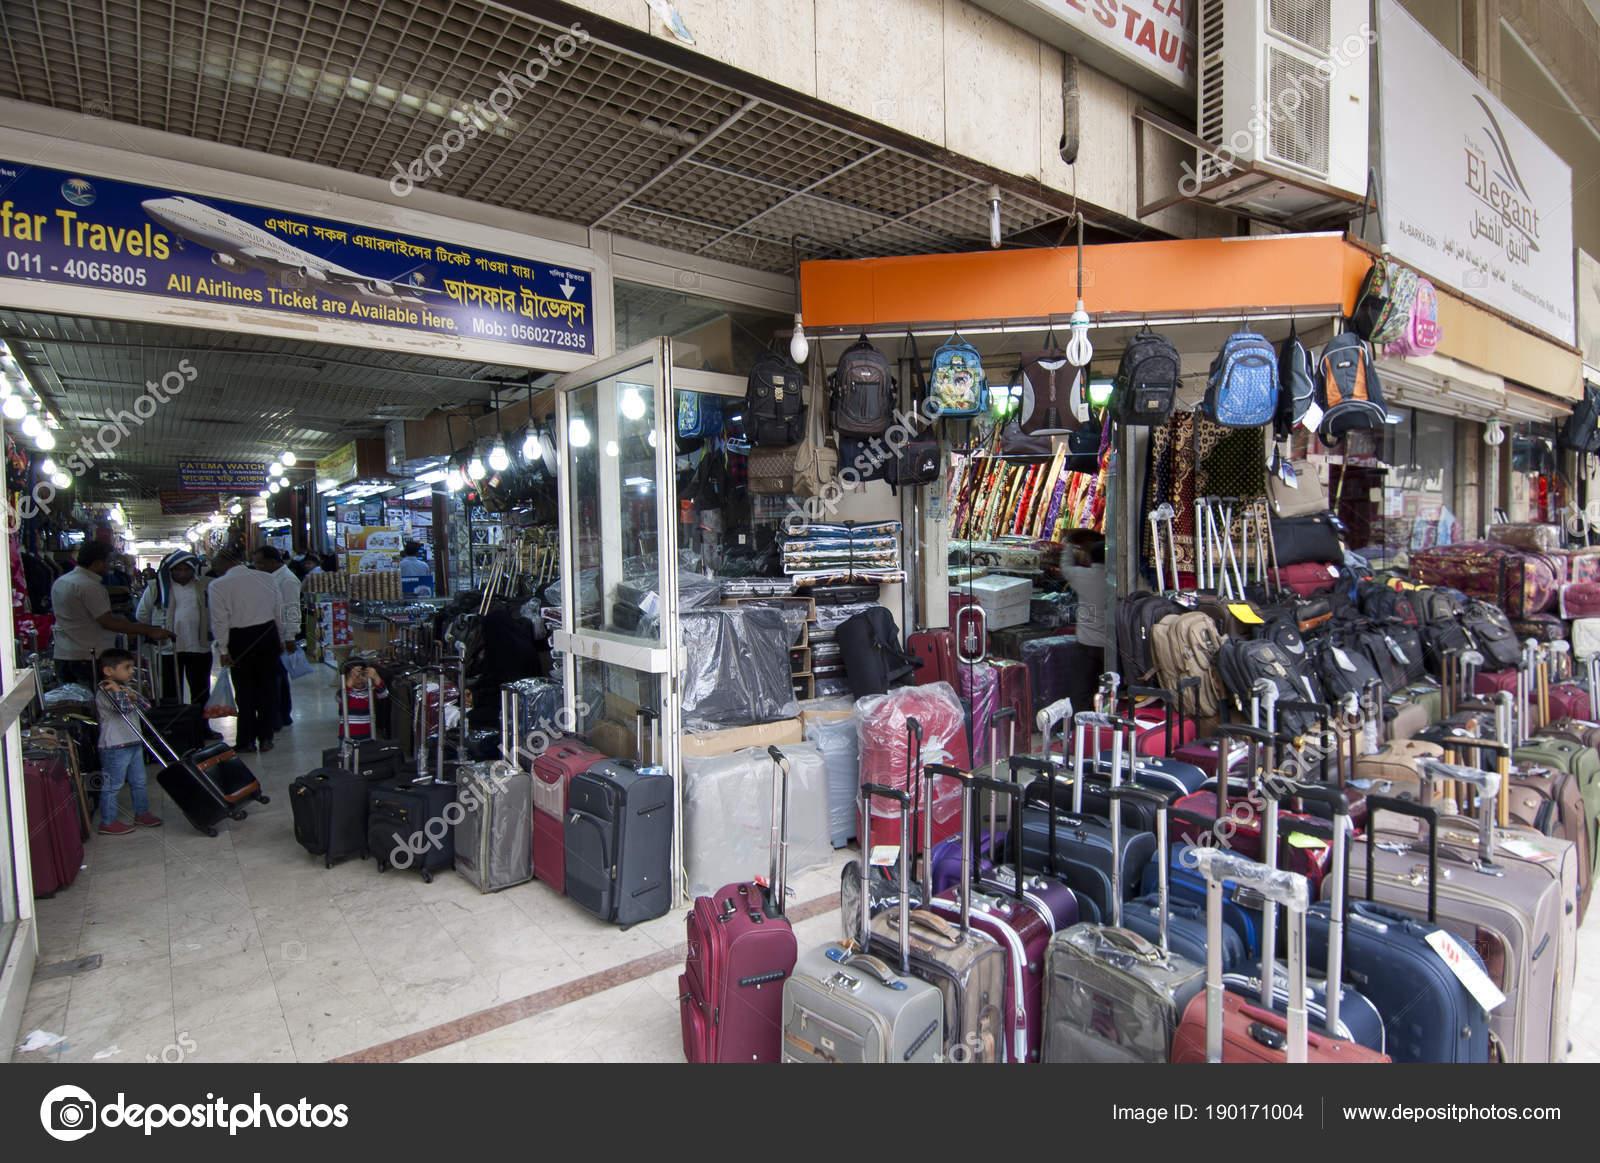 Lojas E Lojas Em Old Batha Riyadh City Arabia Saudita 01 12 2016 Fotografia De Stock Editorial C Hany Musallam Hotmail Com 190171004